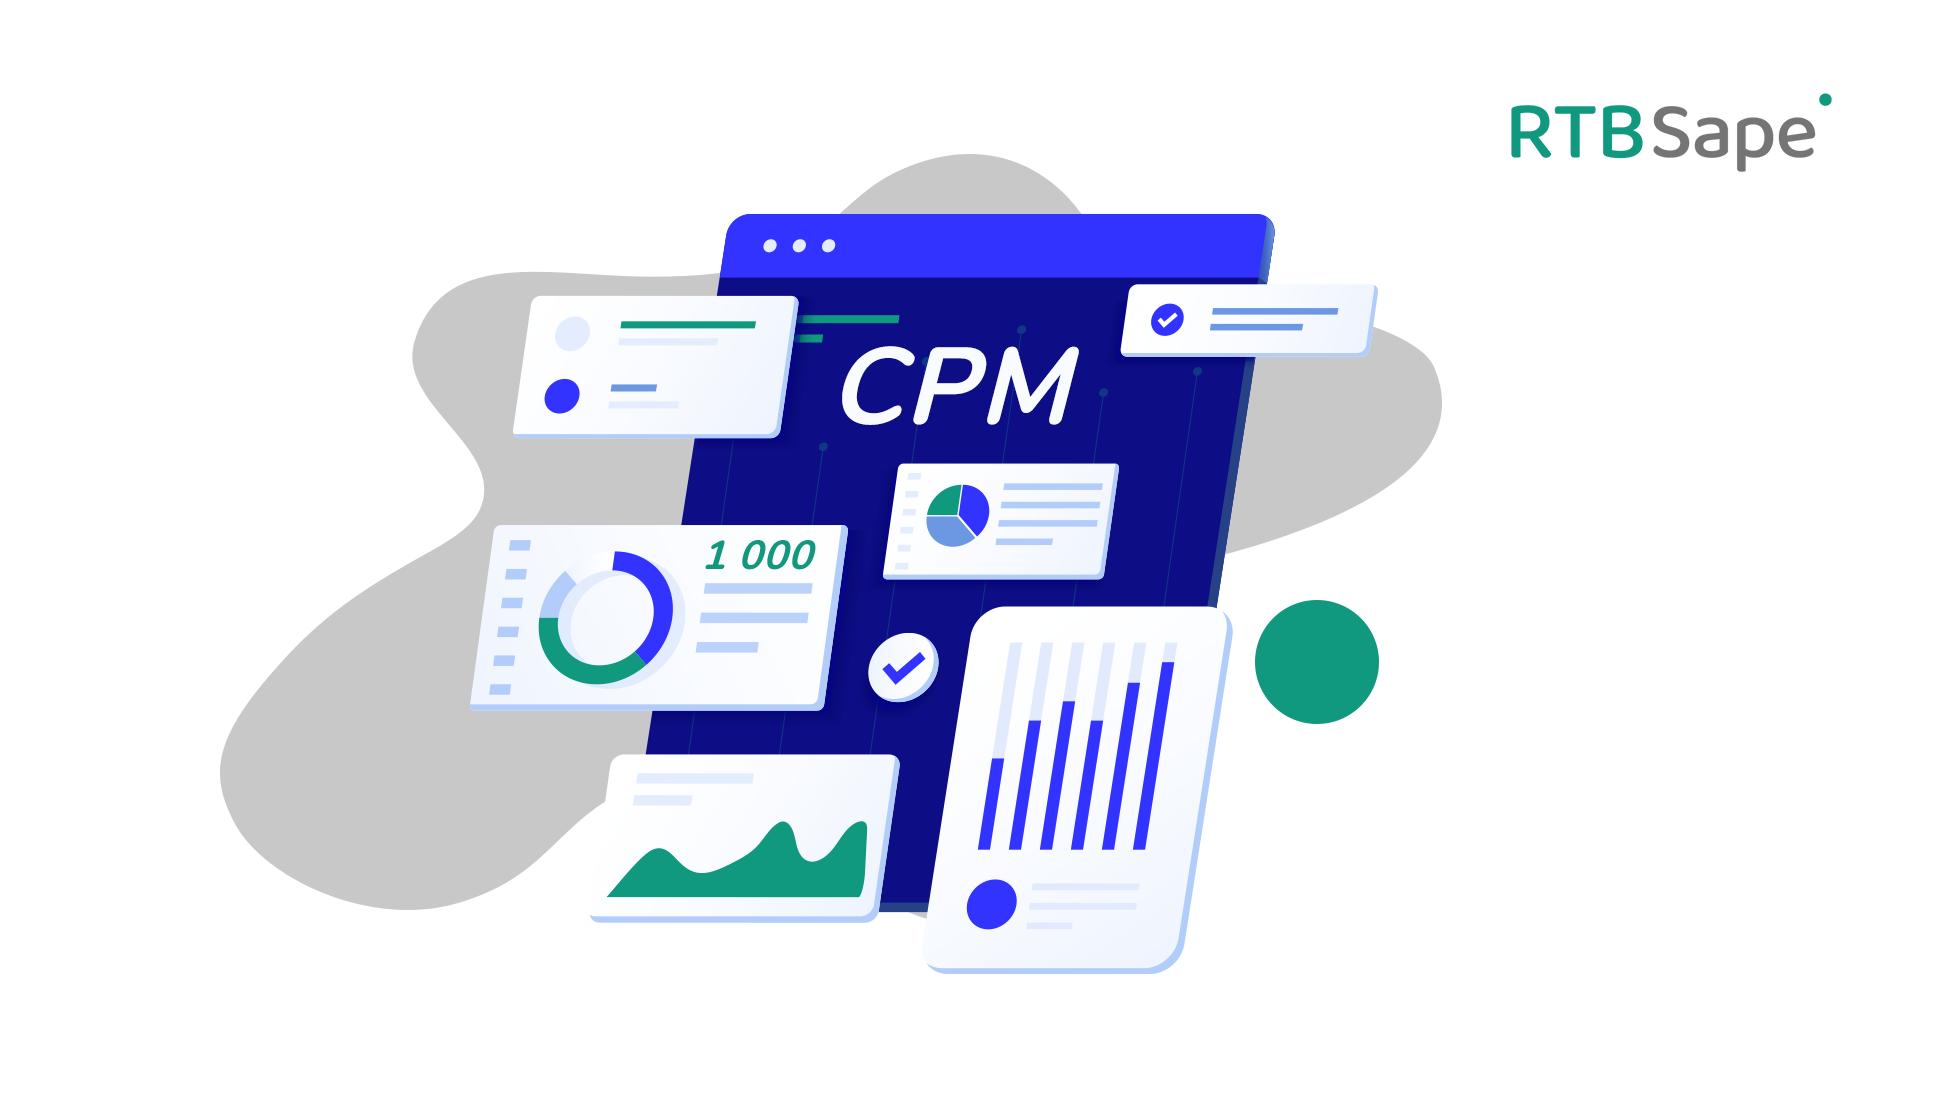 CPM (Cost-Per-Mille)